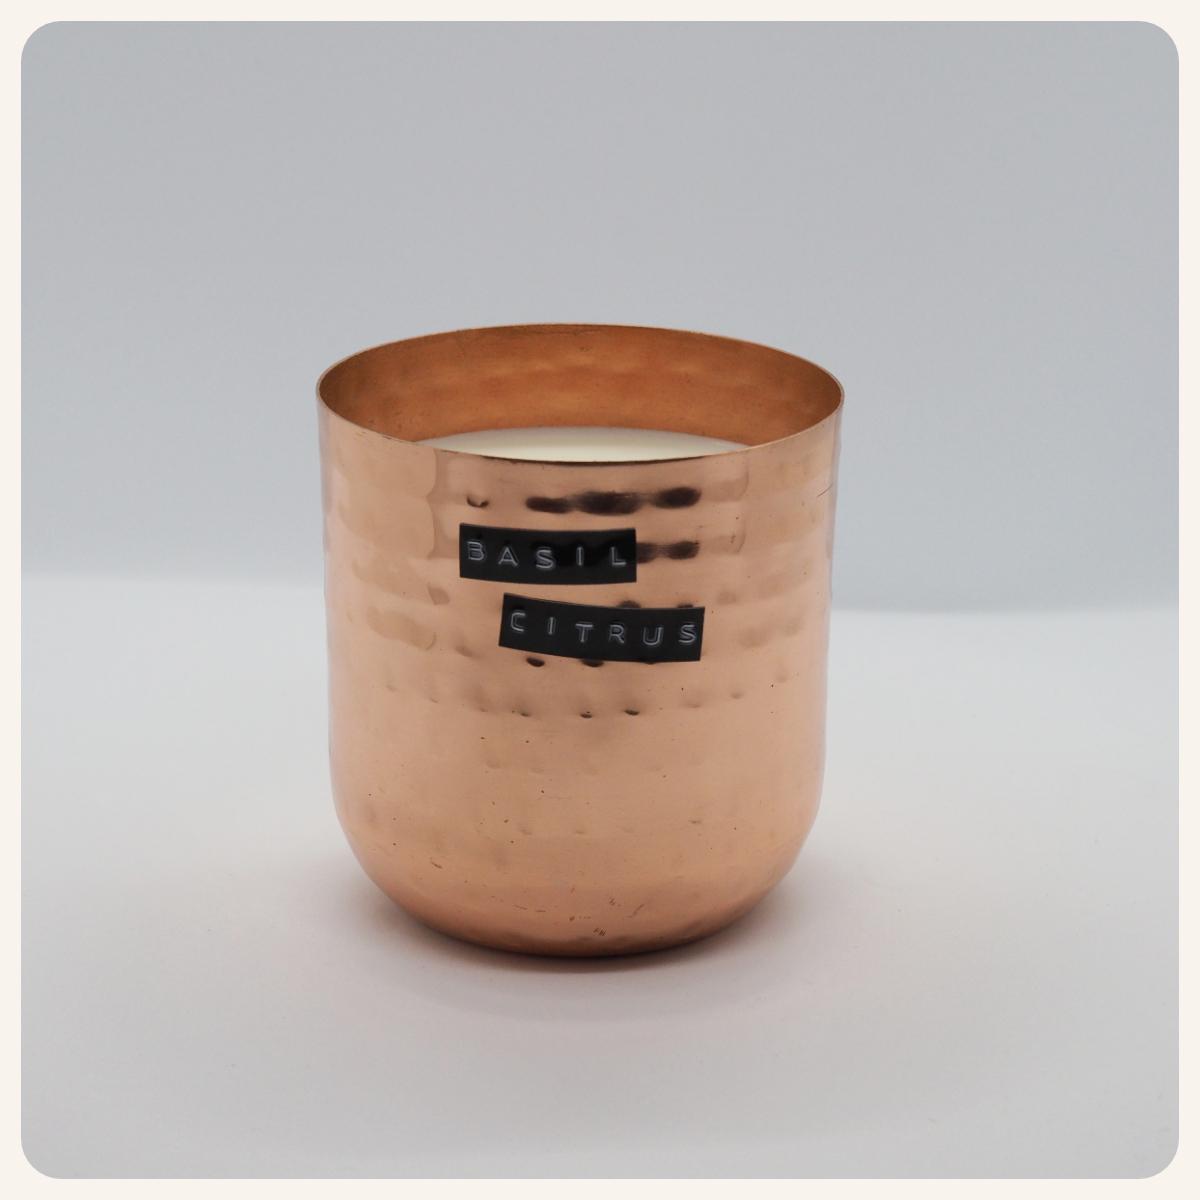 Basil Citrus Original Hammered Copper & Bell Jar Bundle.